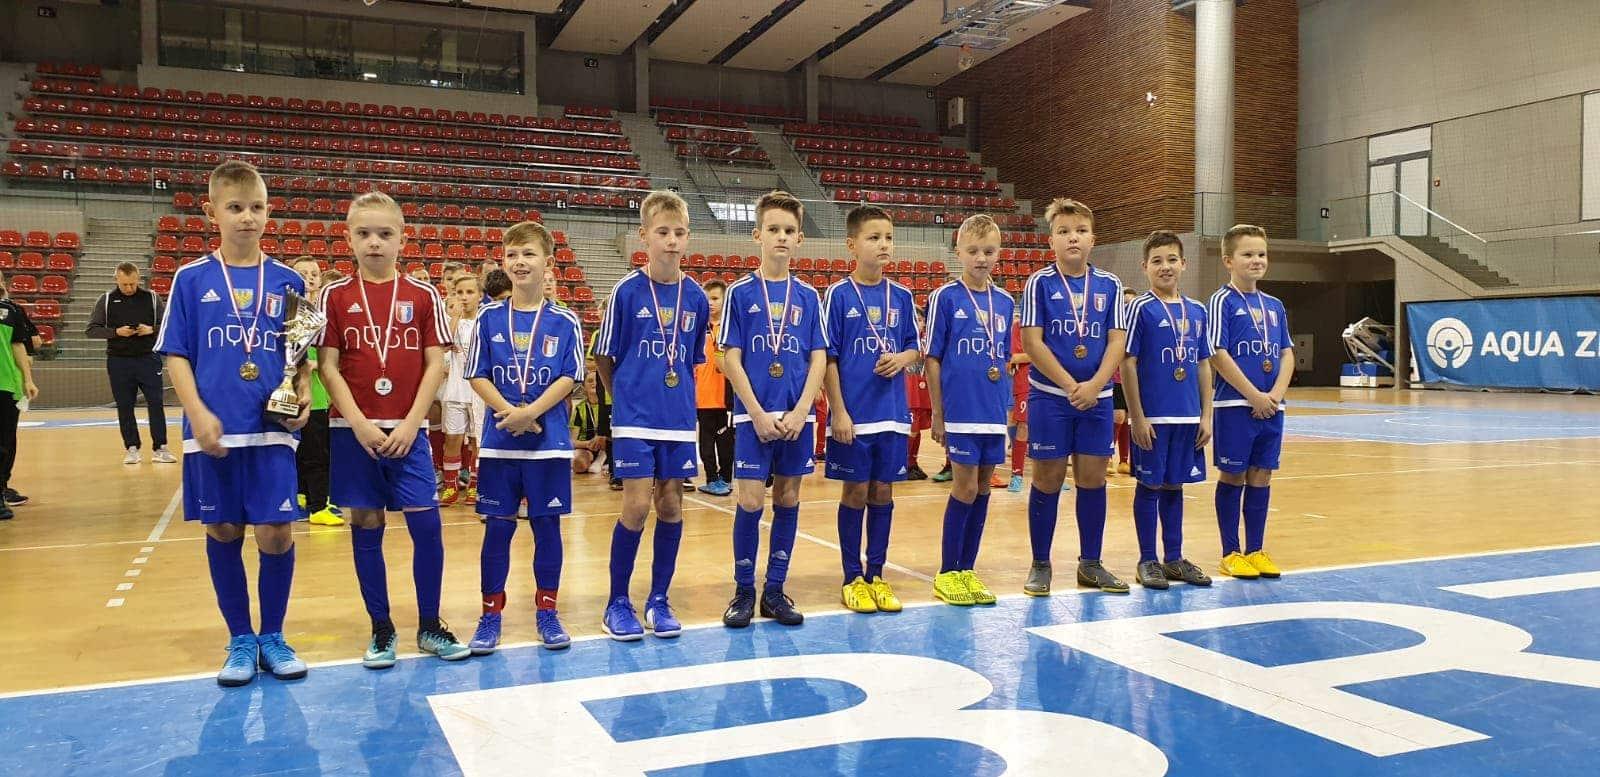 Orlik I wygrywa turniej Górnik Cup w Wałbrzychu